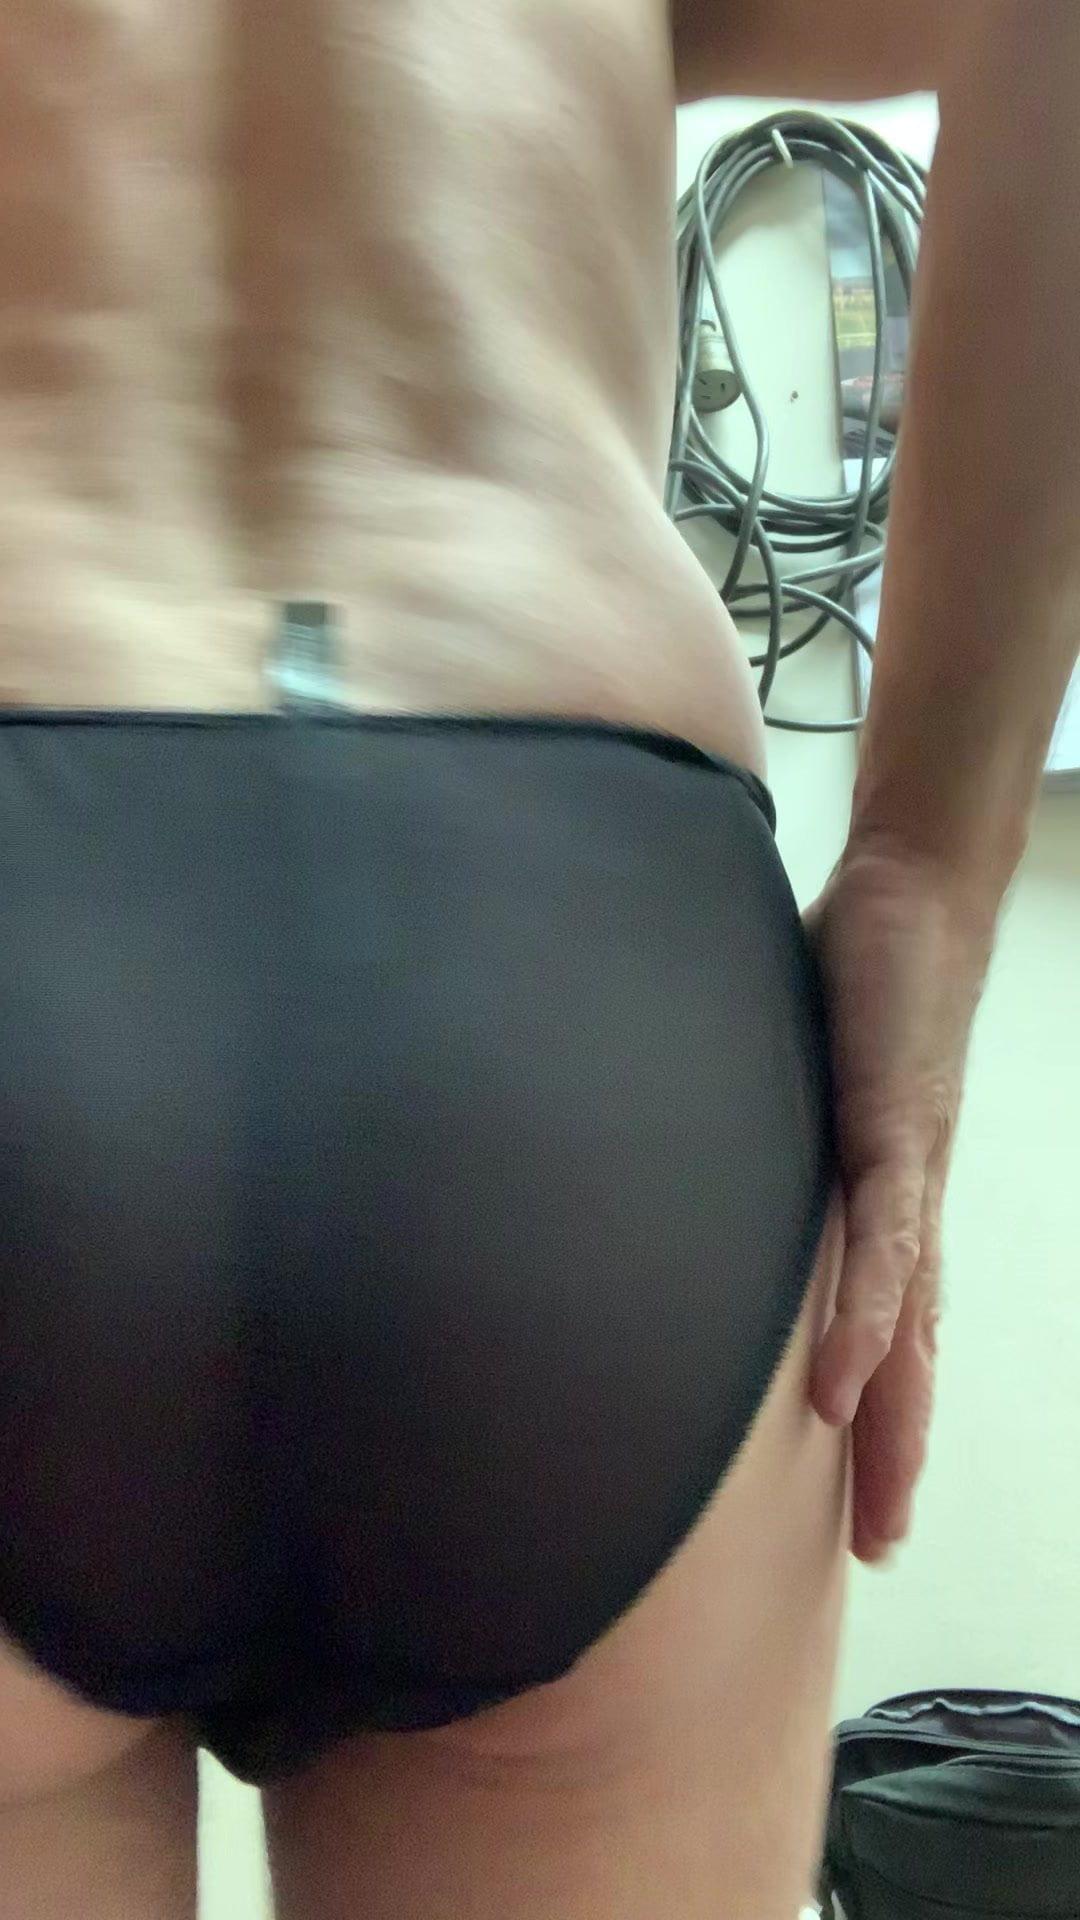 Wearing Girlfriends Panties Gif